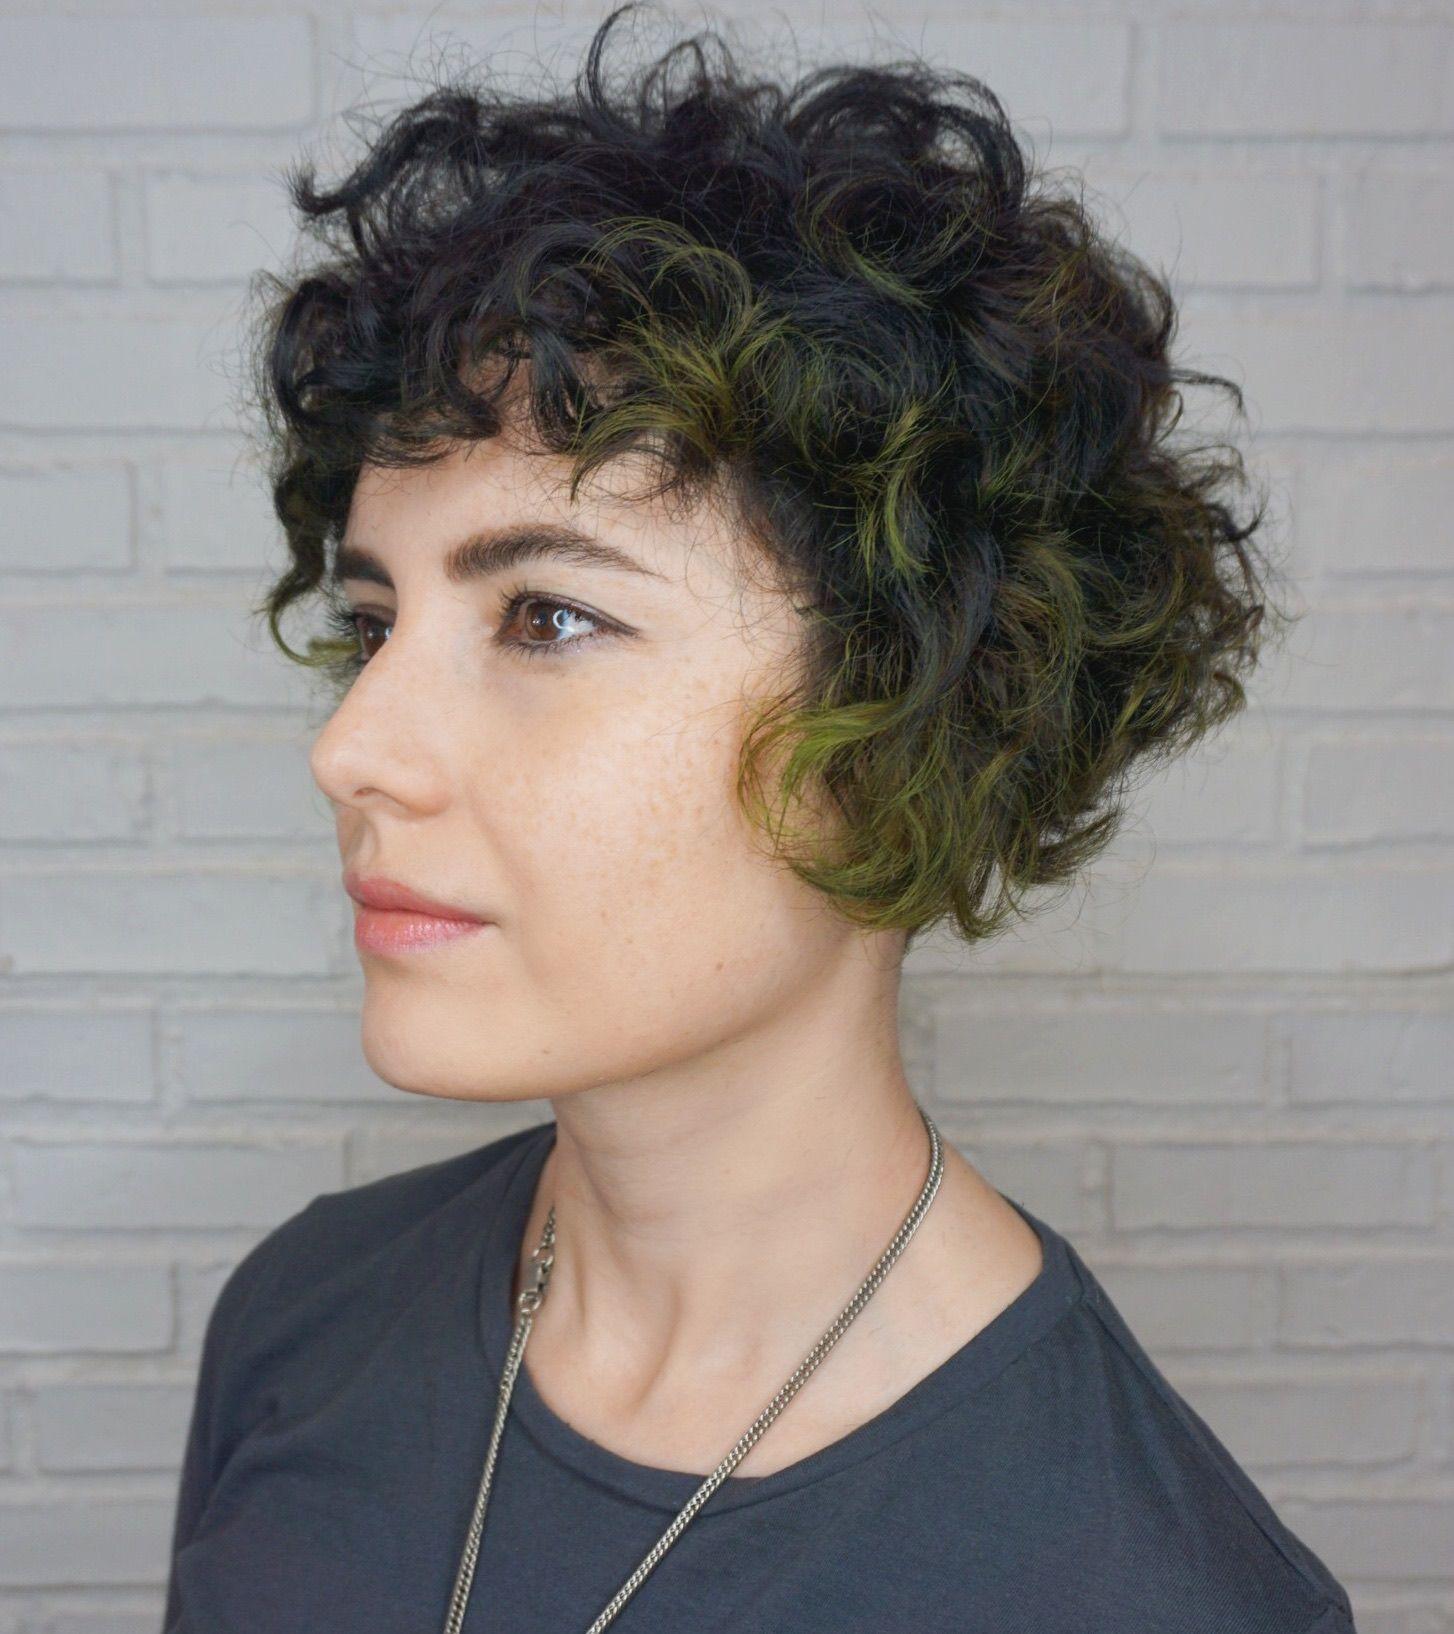 Pin on @kwinkhair haircuts by Kristyn Wink